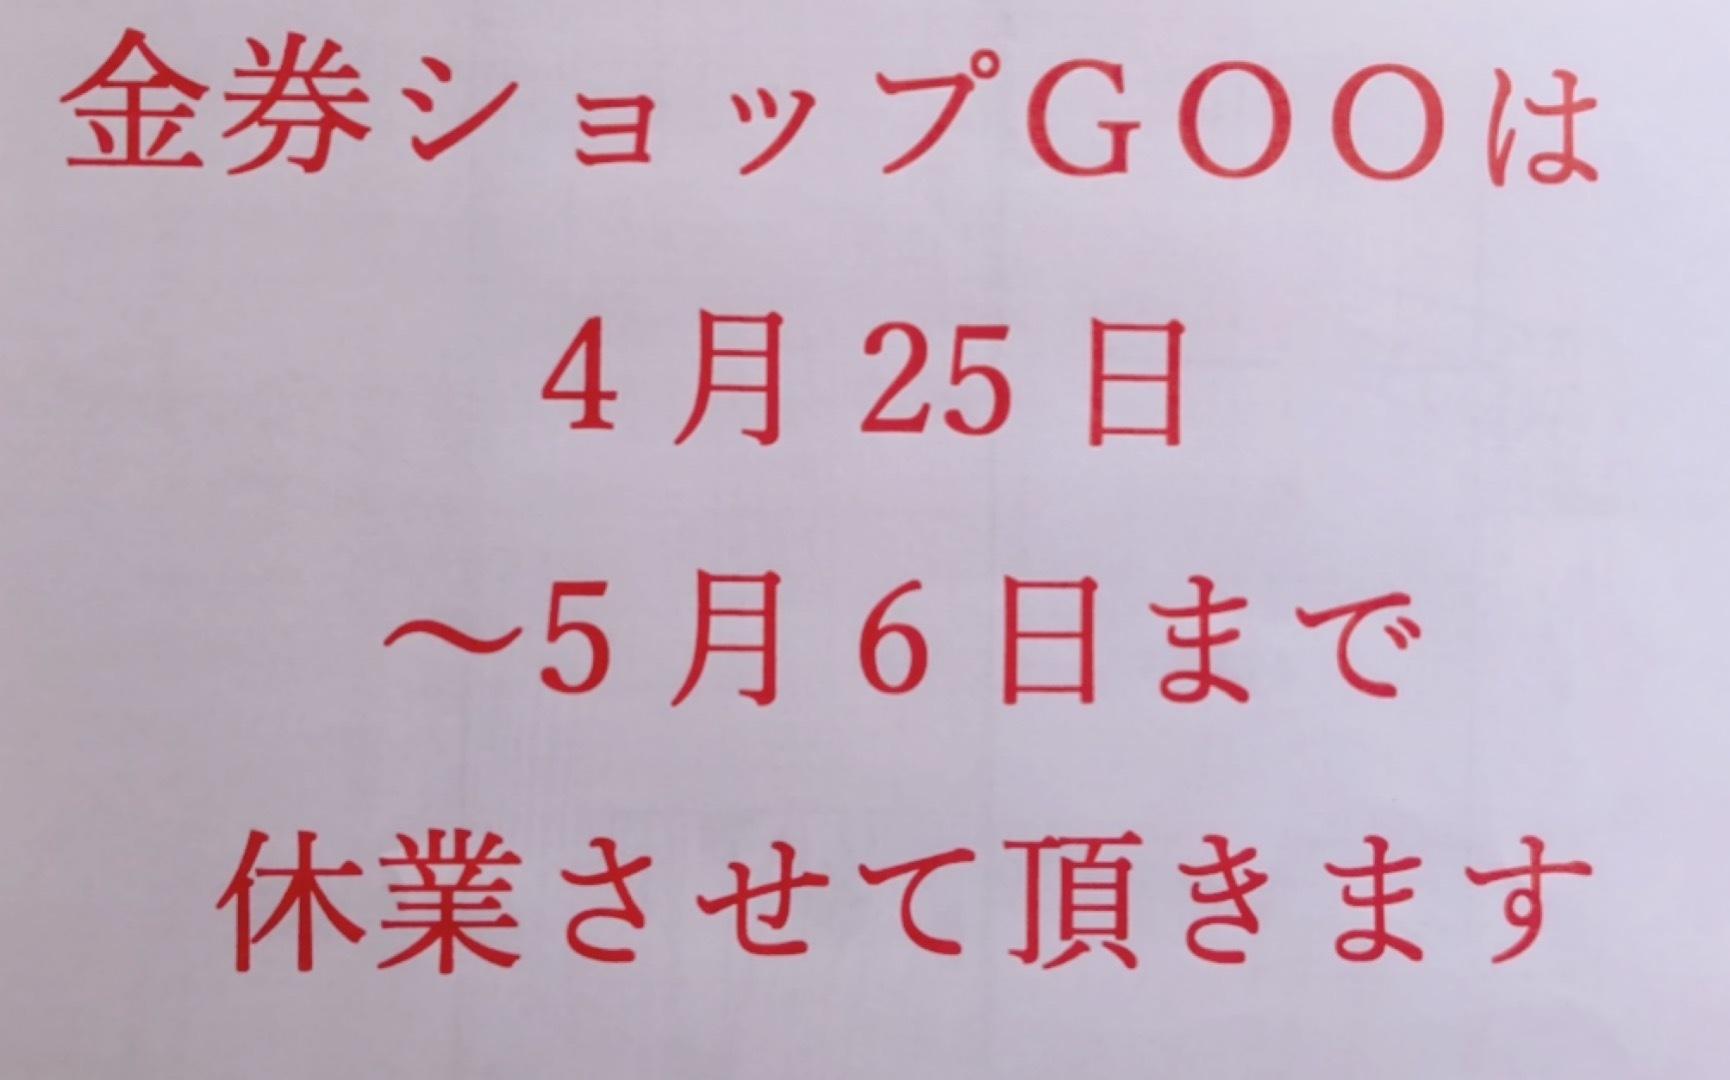 8C35C2B4-CFD4-4ADD-ADBD-1009140F08B9.jpeg